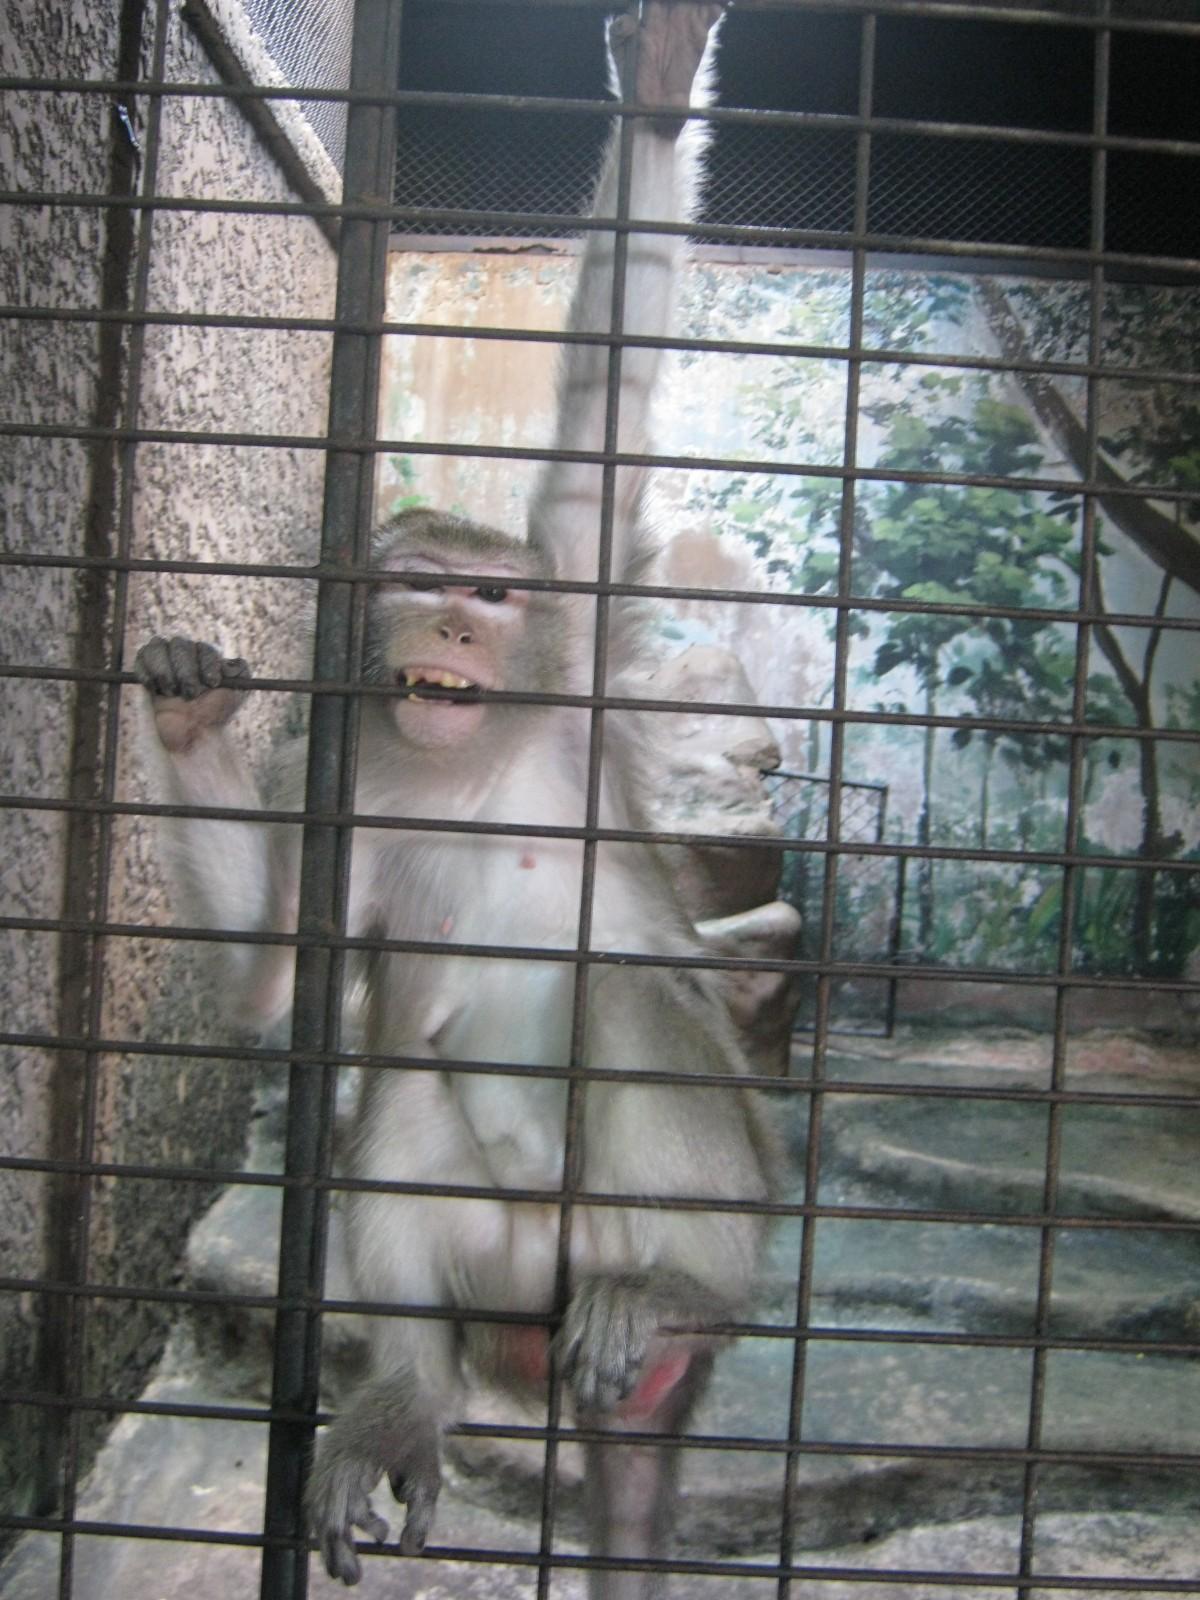 Zoochosis monkey